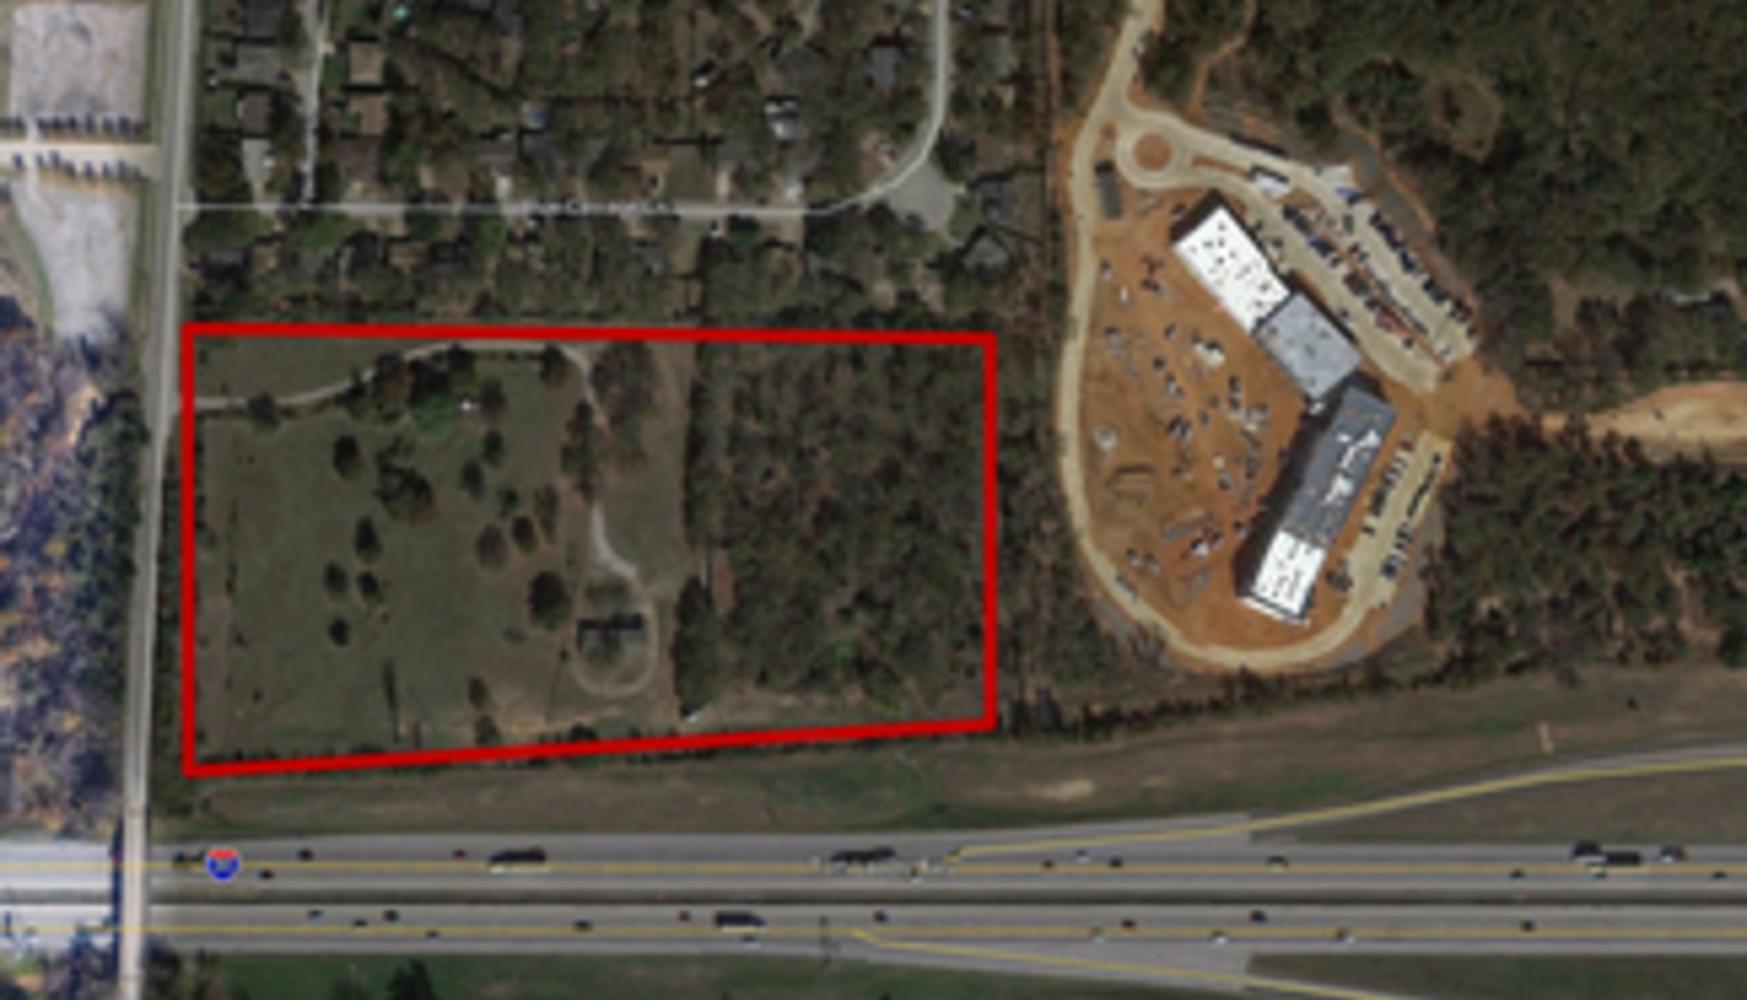 Land Fort worth, 76120 - 1121-1137 Morrison Dr